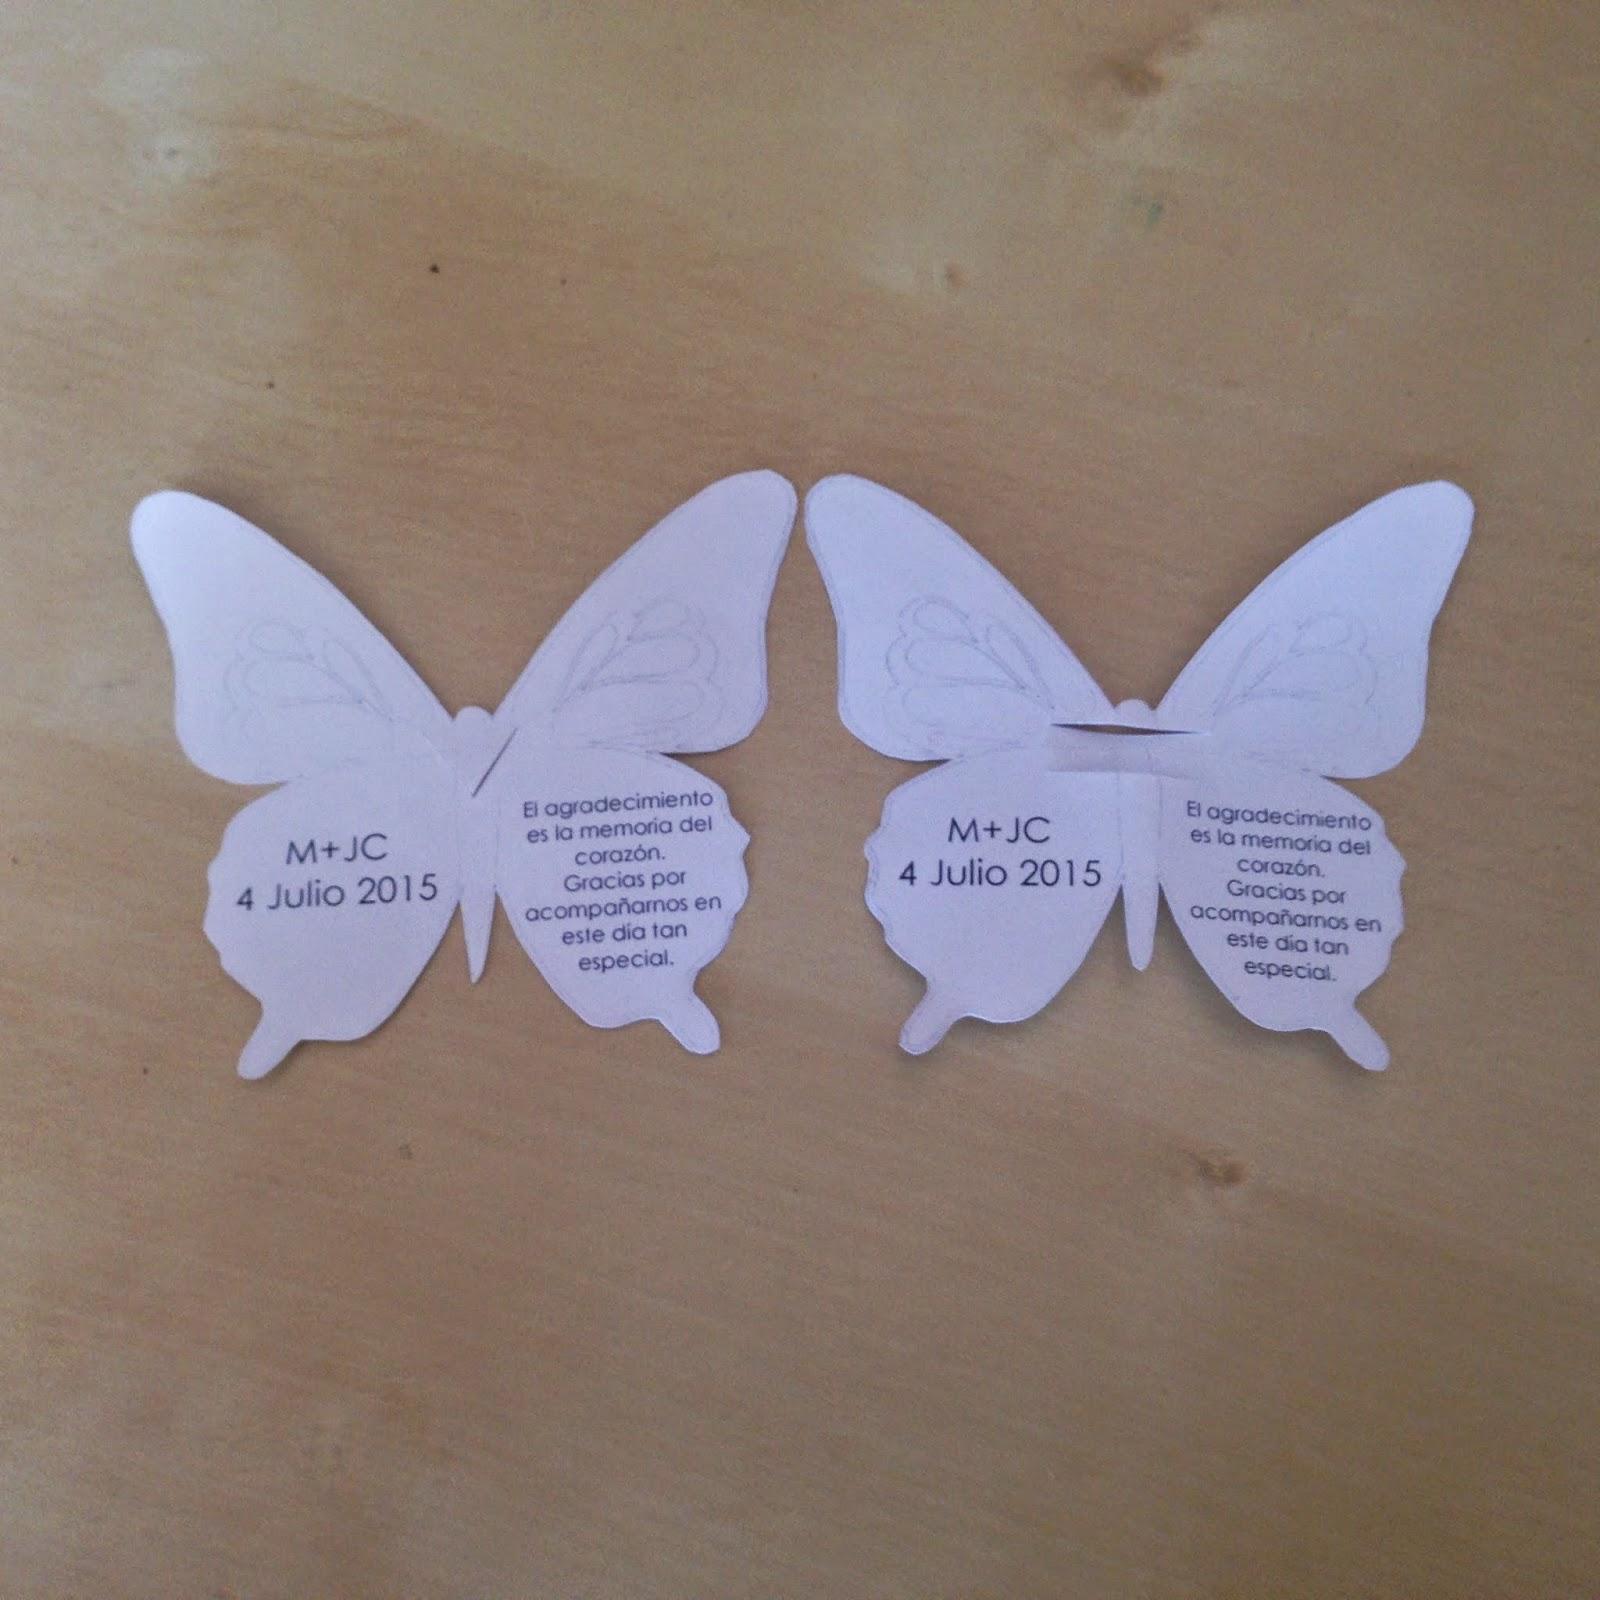 Blog de bodas - Yo dire que si: Mariposas de agradecimiento DIY ...